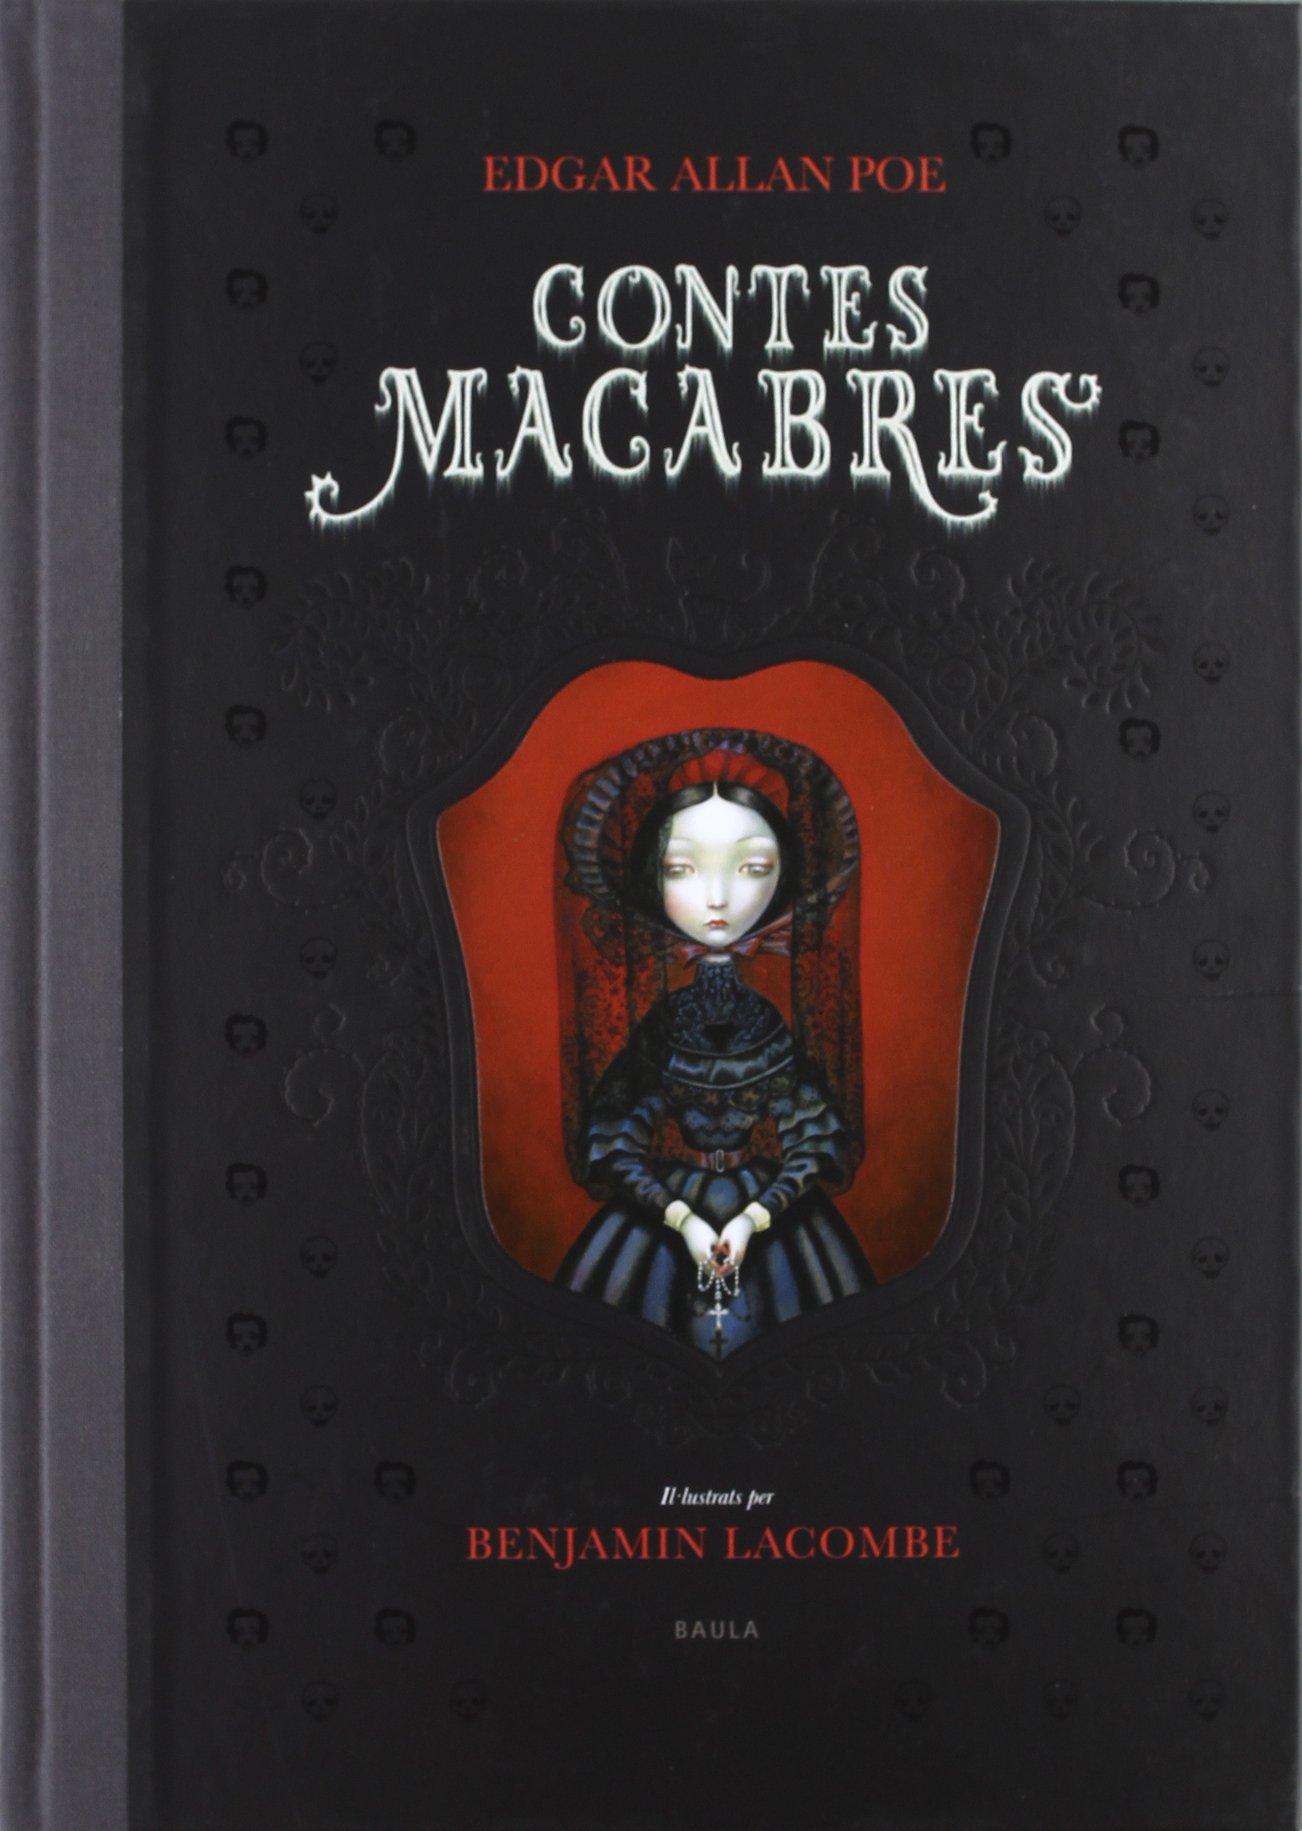 Contes macabres (Àlbums): Amazon.es: Allan Poe, Edgar, Lacombe, Benjamin,  Hernàndez i de Fuenmayor, Pau-Joan: Libros